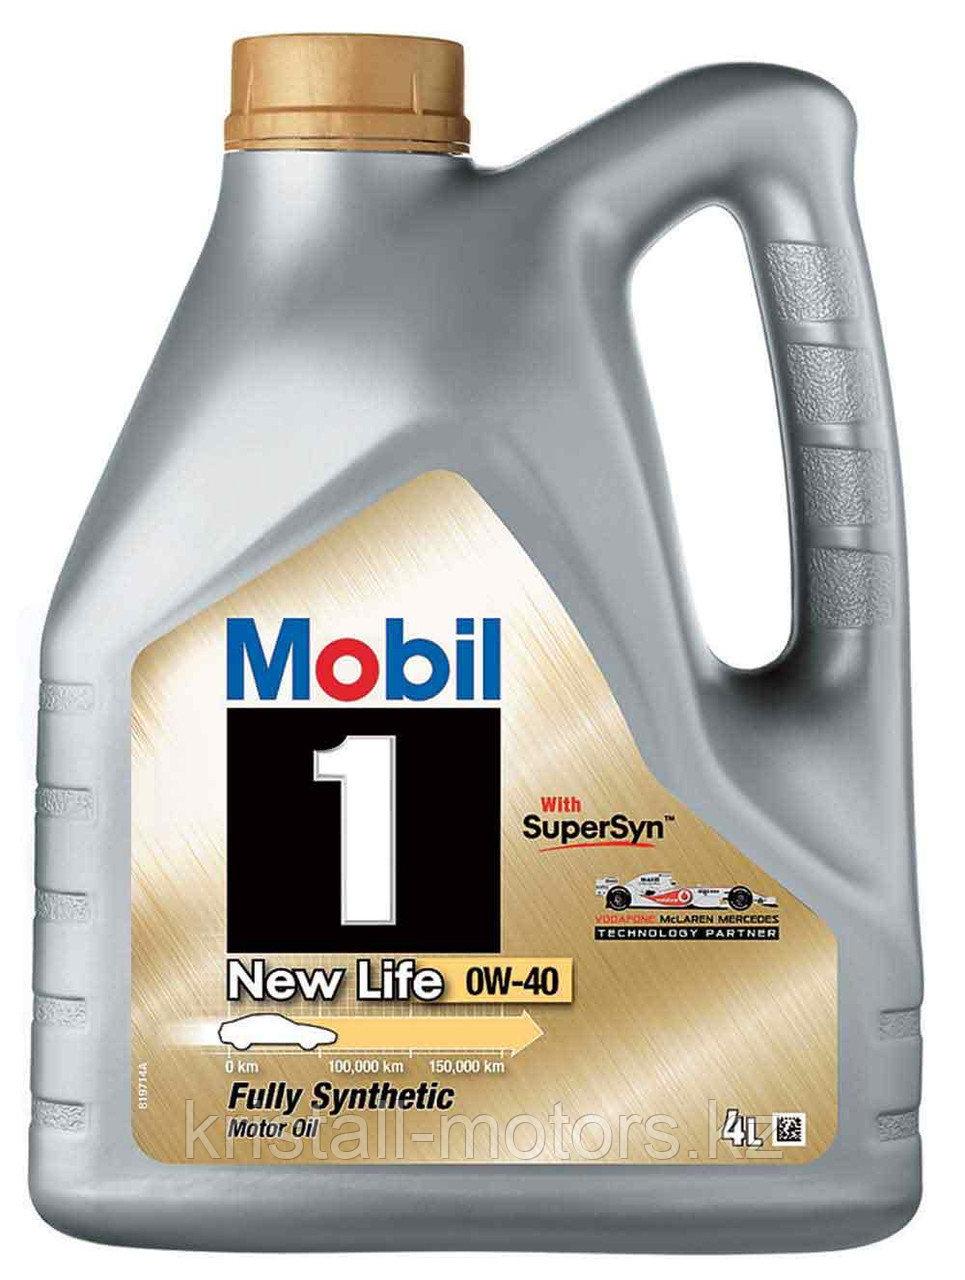 Моторное масло MOBIL 1 0W-40 New Life на разлив с бесплатной заменой